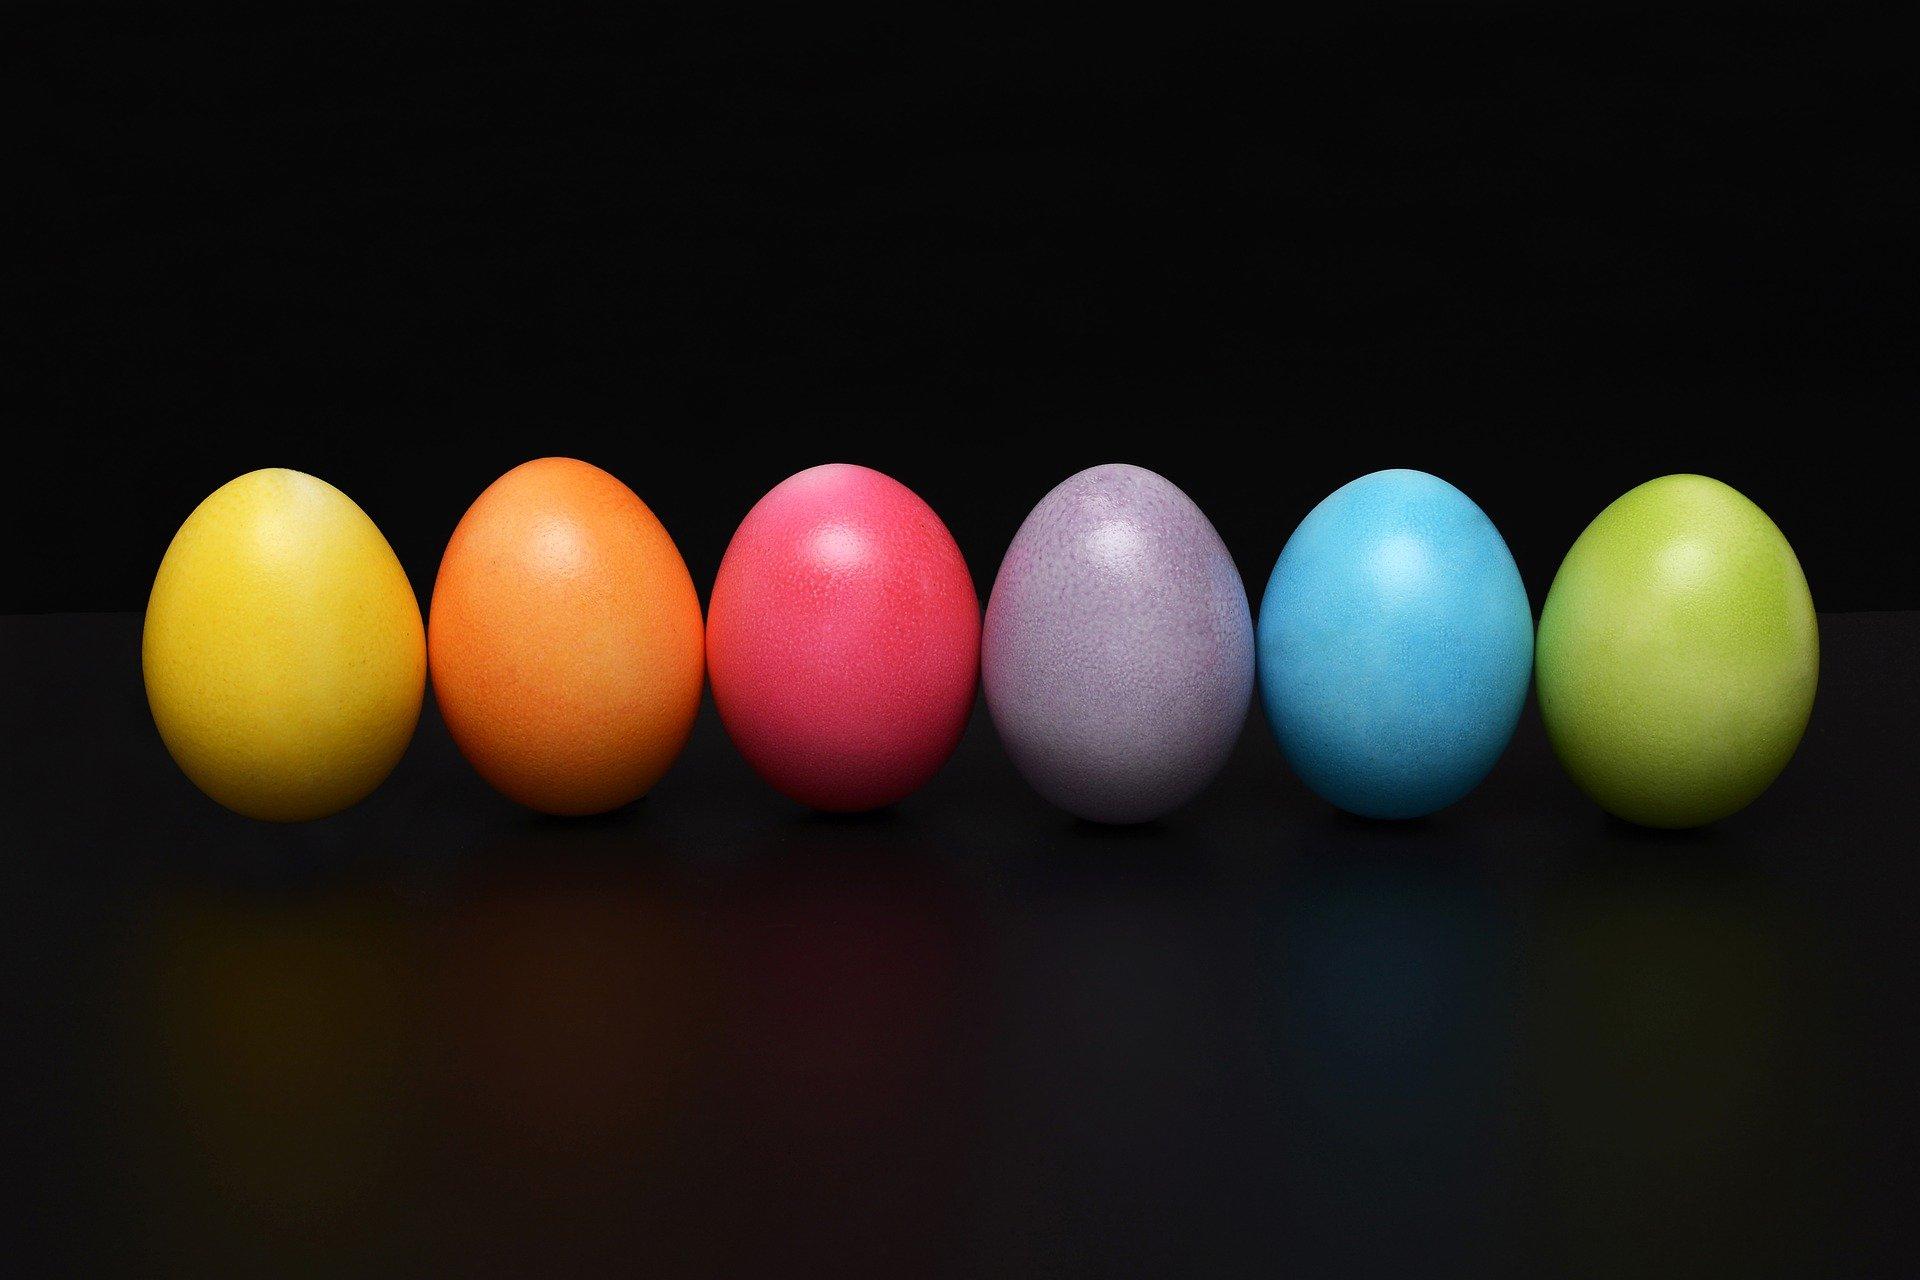 equazione universale della forma dell'uovo